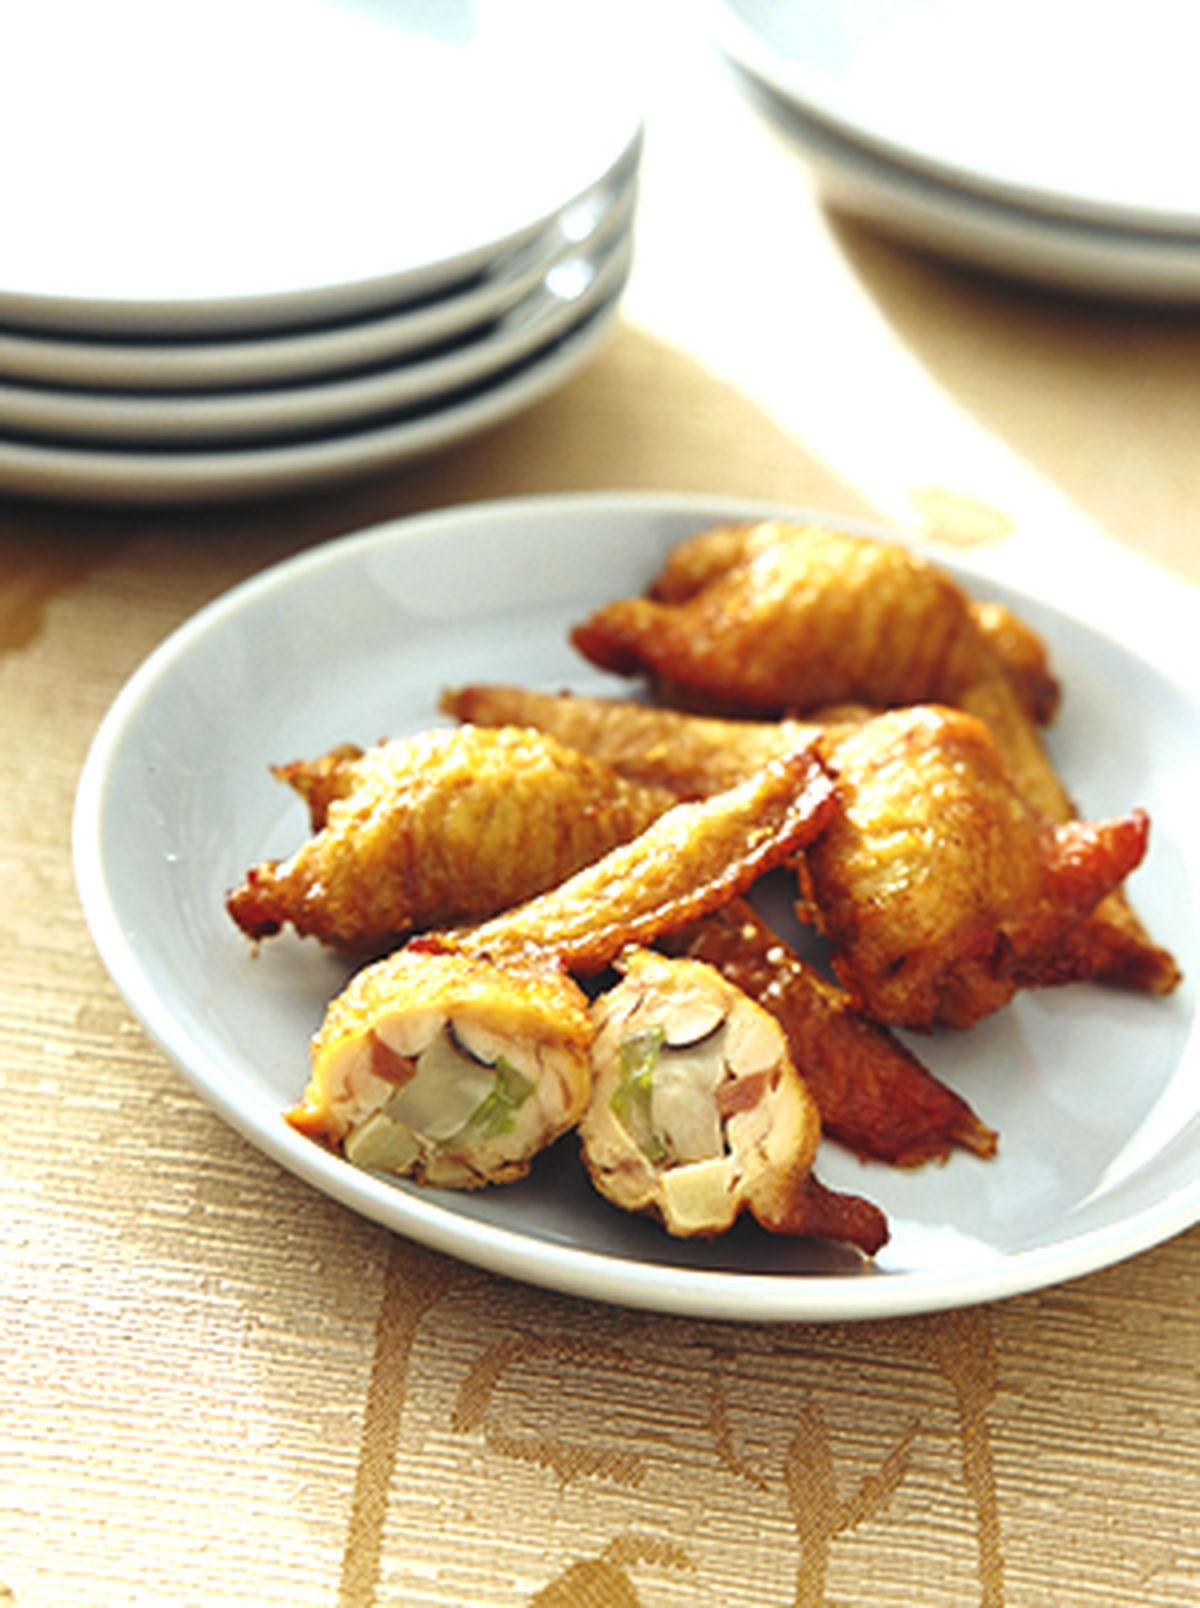 食譜:干燒鳳翼翅